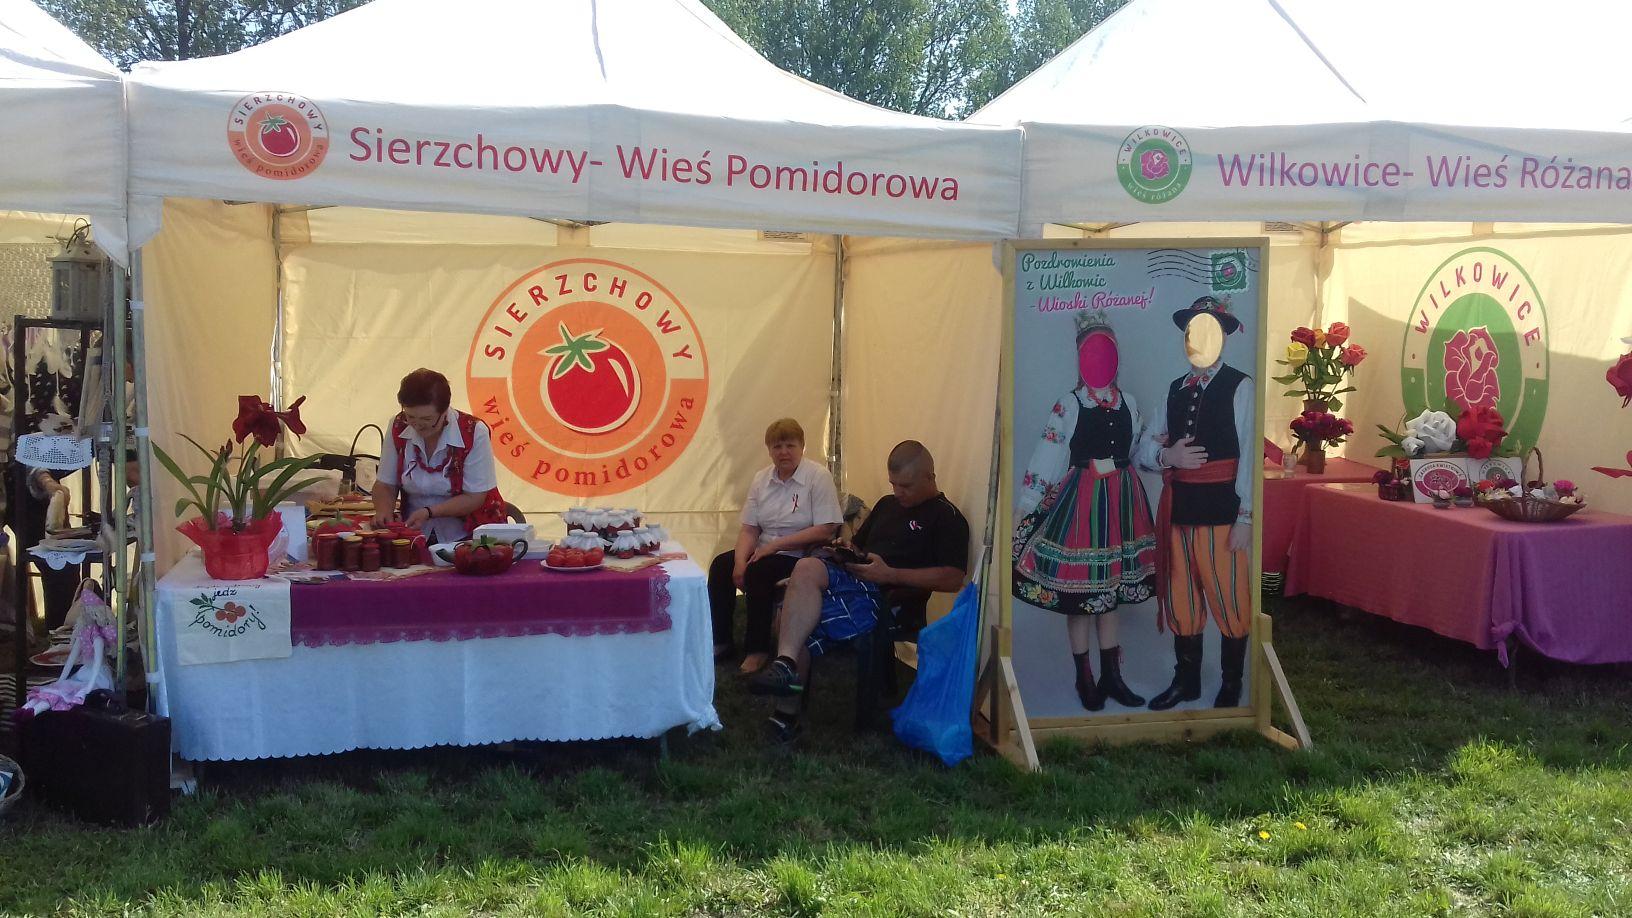 2018-05-03 Rawa Mazowiecka - Radosne Święto (26)